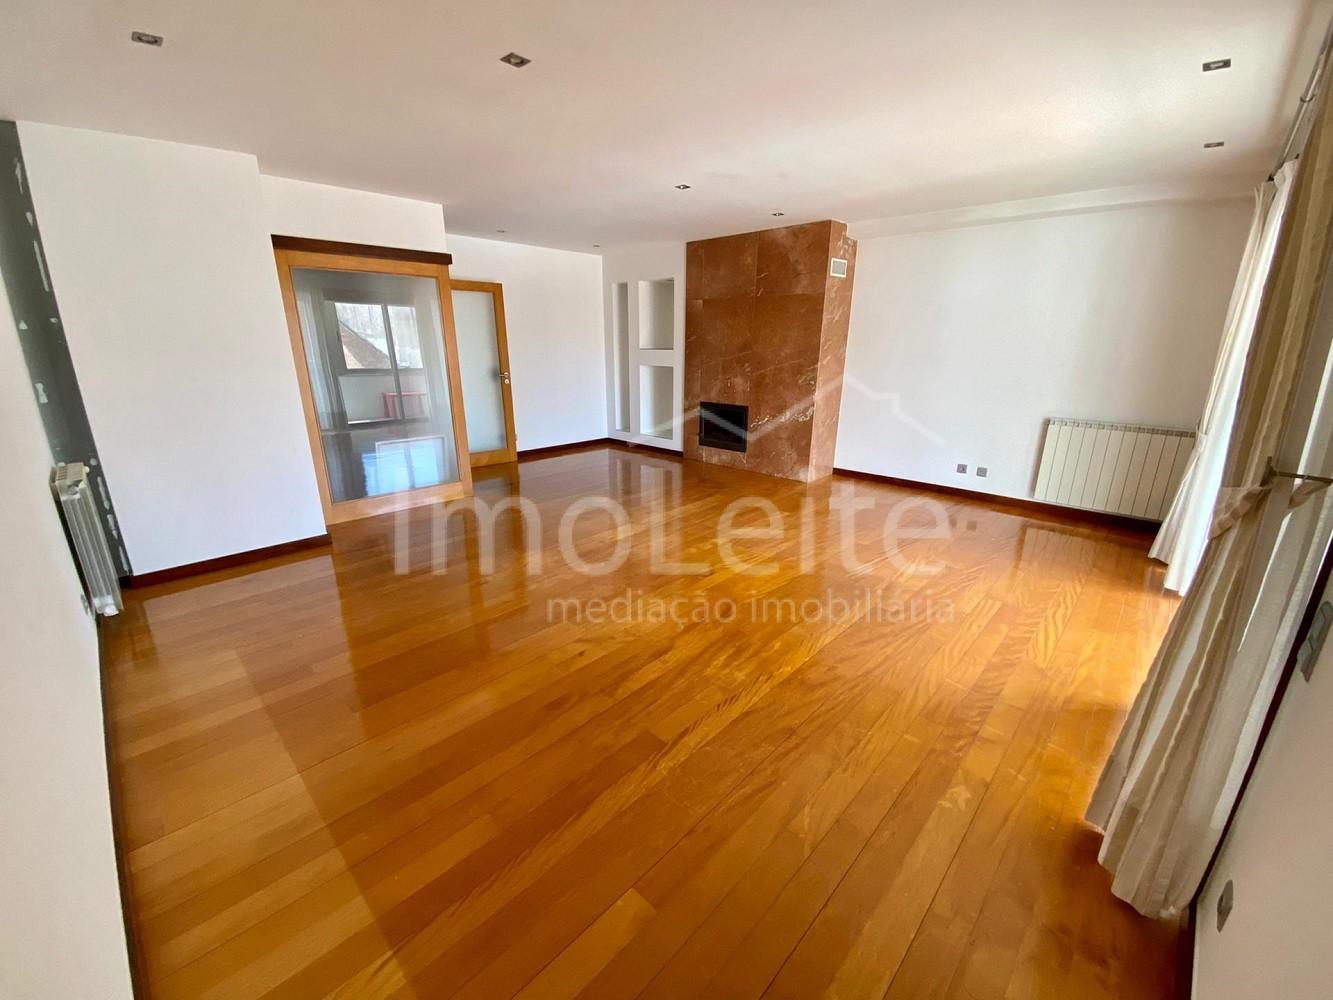 Apartamento T3 Póvoa de Varzim Centro Cidade